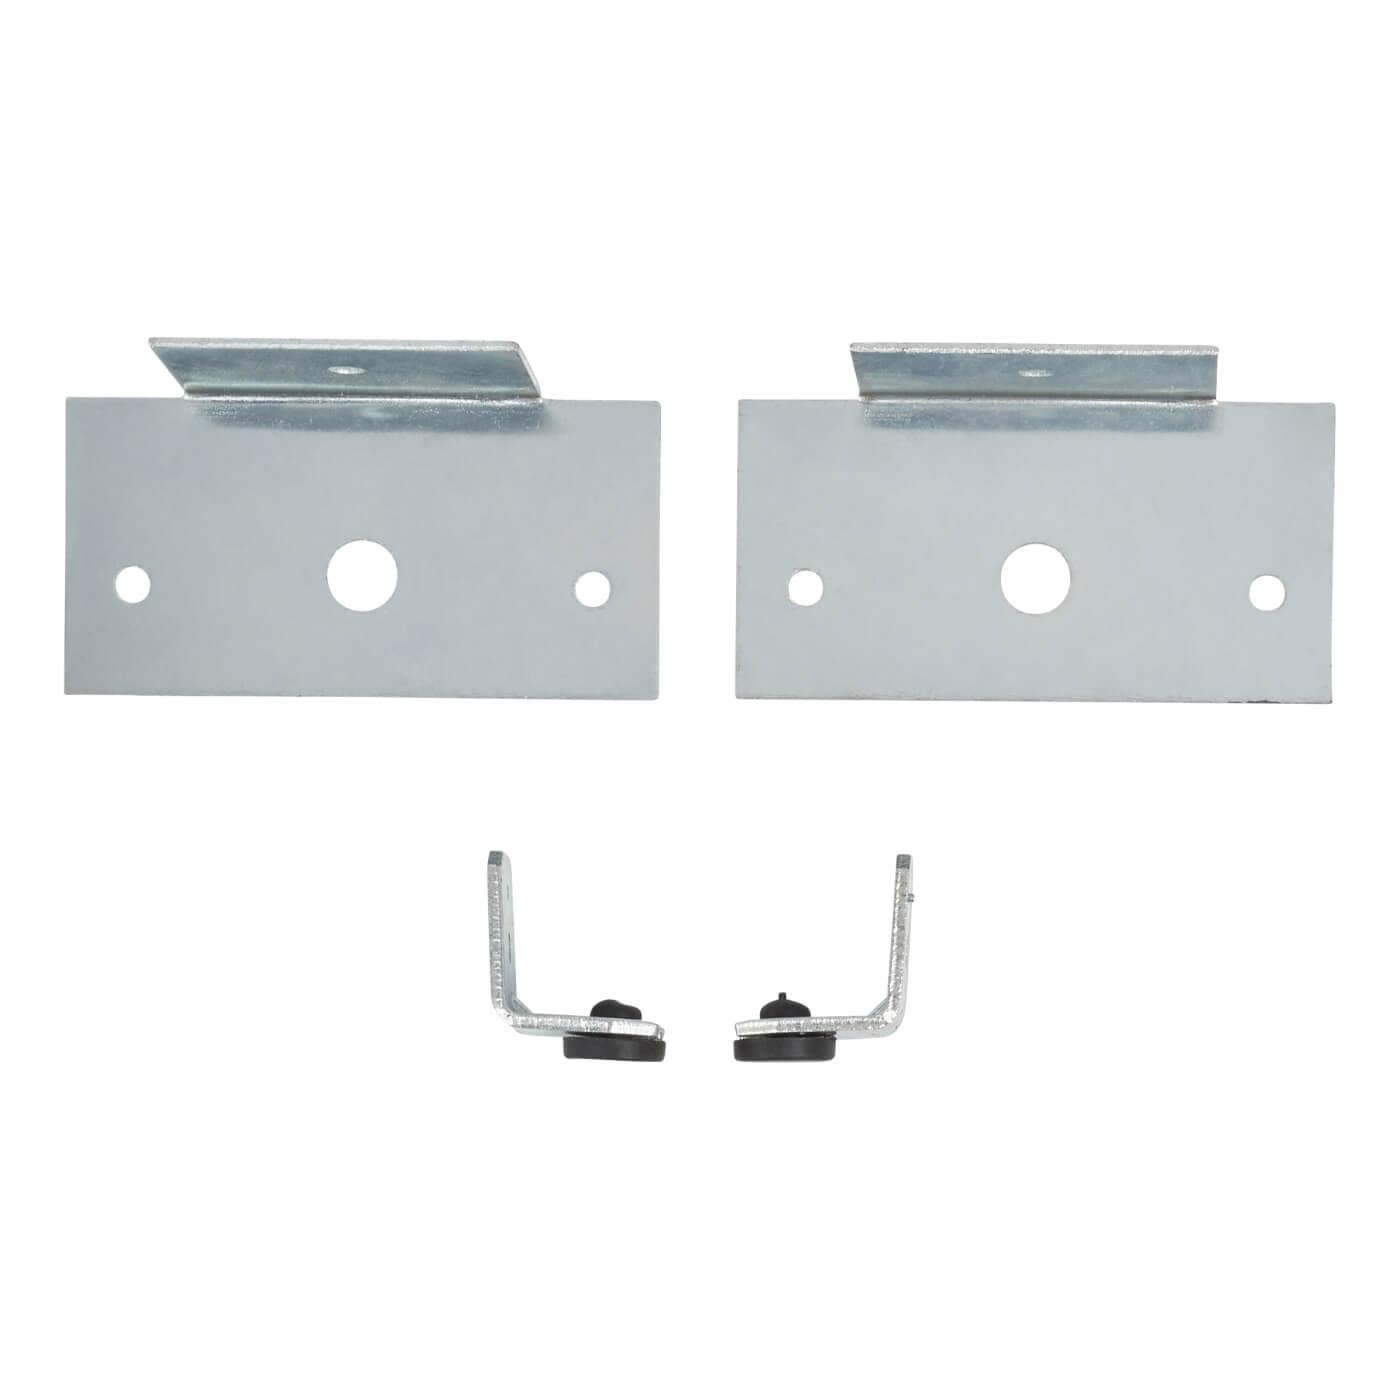 KLÜG Ultra Pocket Door Jointing Kit)